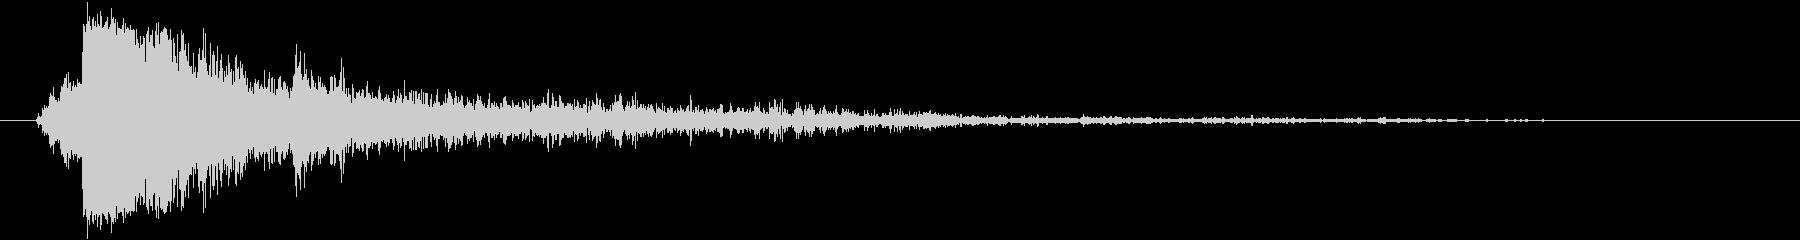 サンダークラップ2-ヘビーファース...の未再生の波形